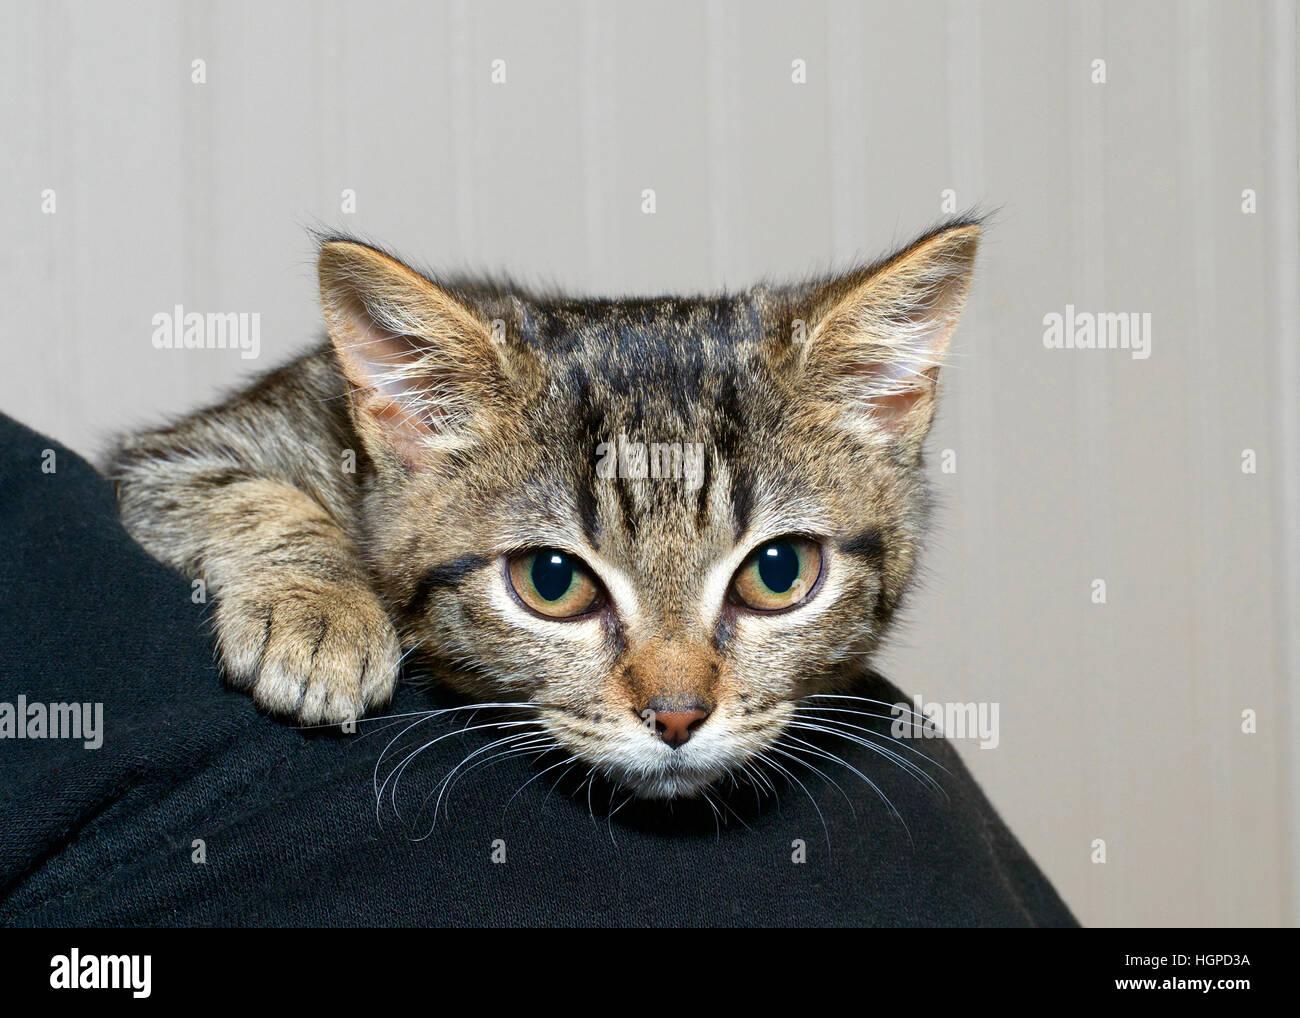 Gris y negro con rayas atigrado gatito aferrada al hombro de la persona, nervioso y con miedo sintiéndose algo Imagen De Stock